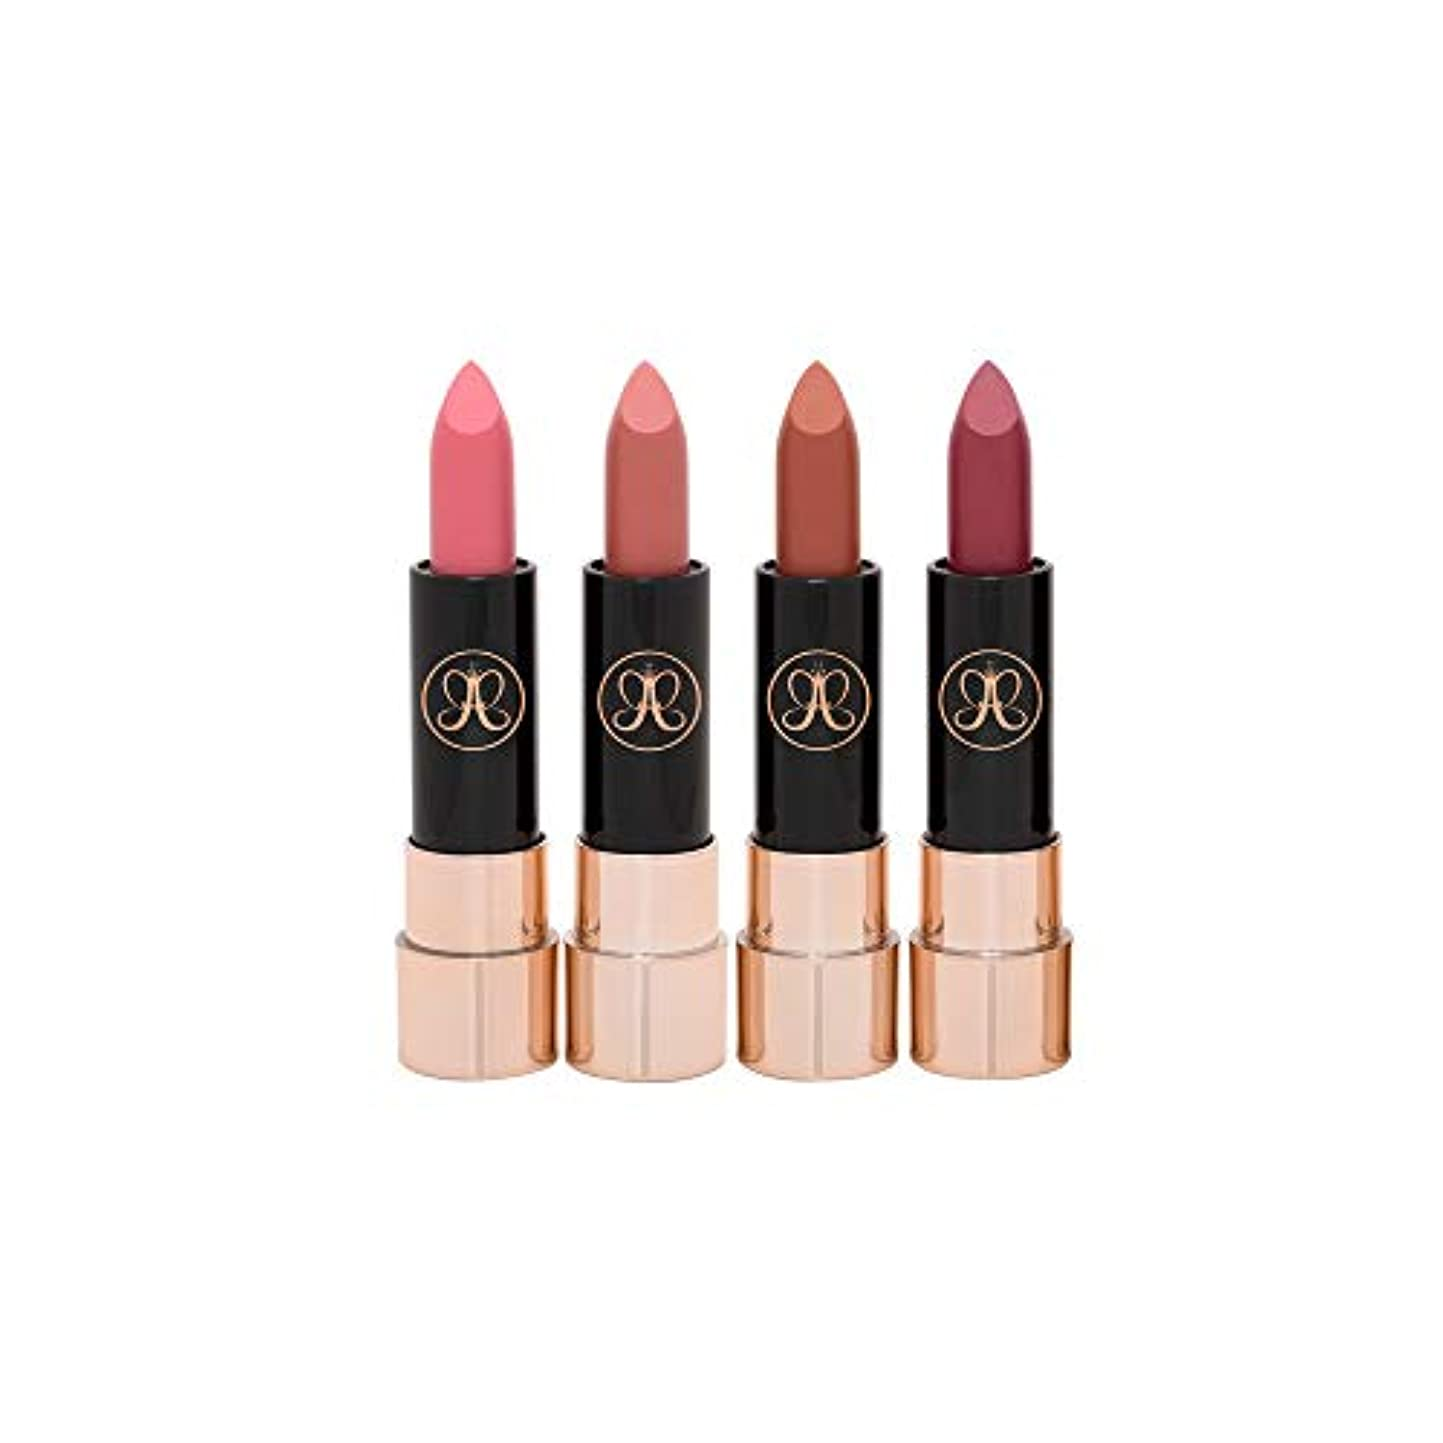 エクステント十代の若者たちバッジMatte Lipstick Nudes Set マット リップスティック ヌーディ セット